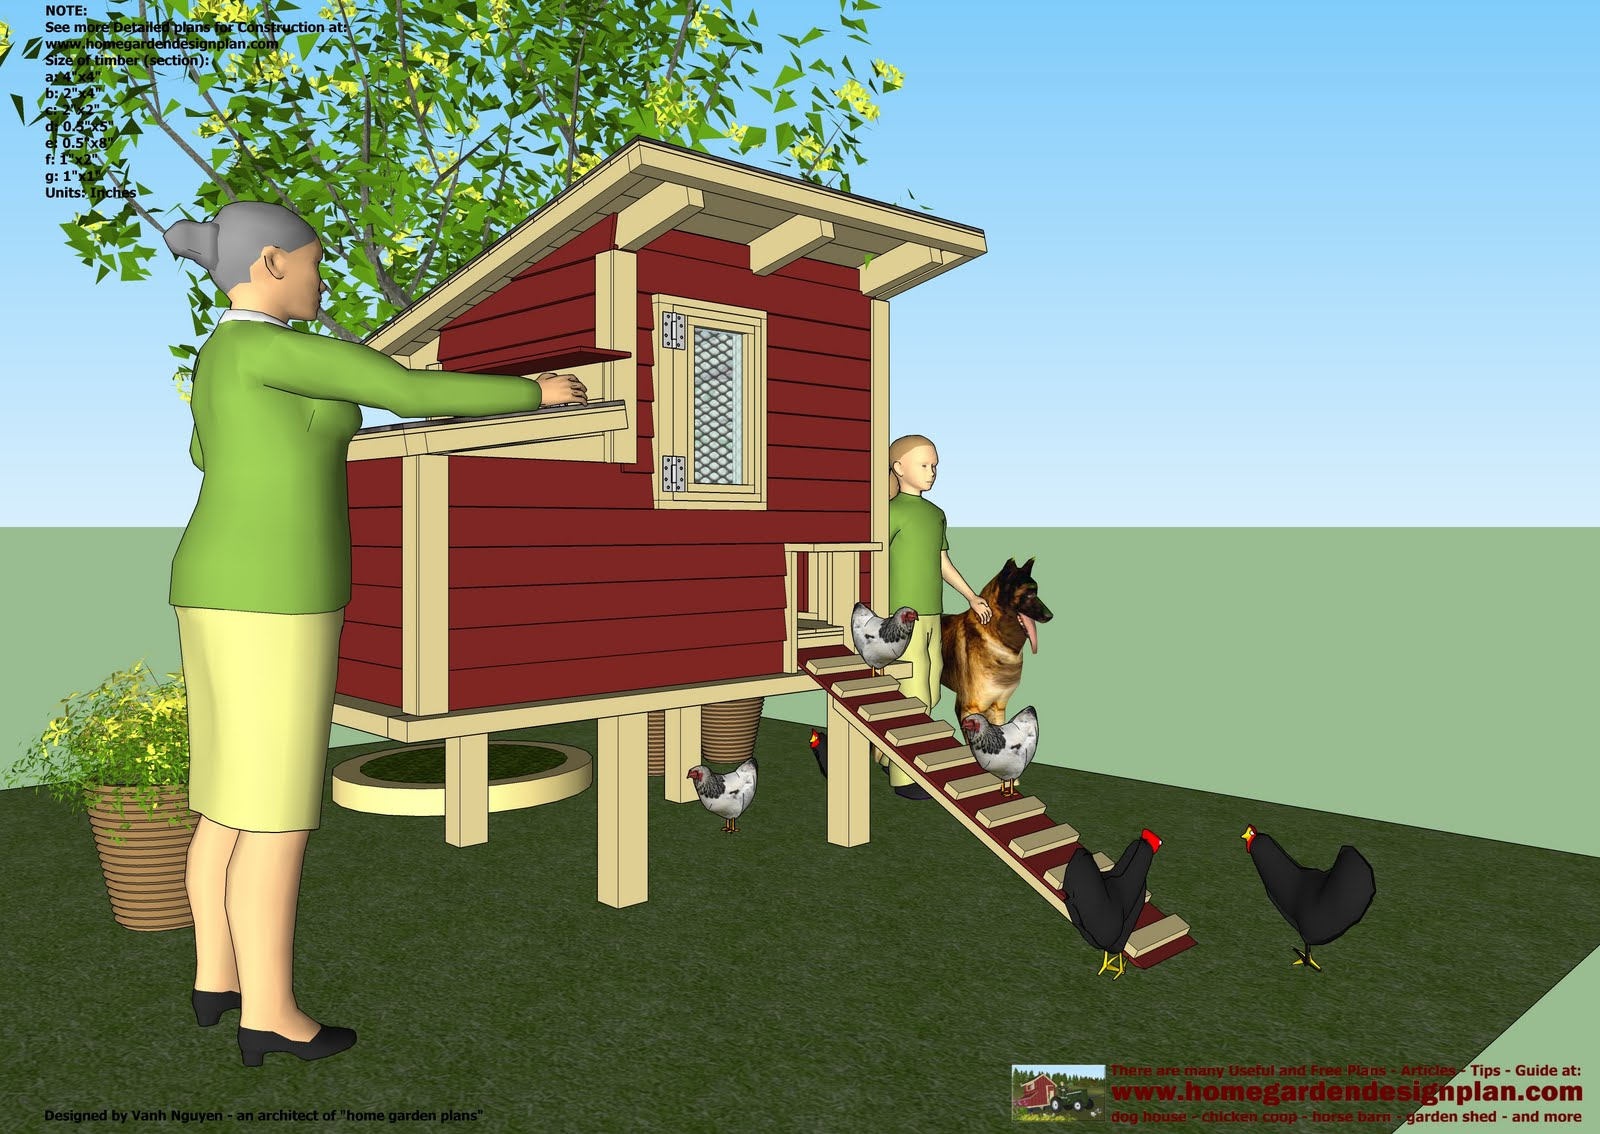 Coop qu useful chicken coop plans free download for Chicken ark plans free download